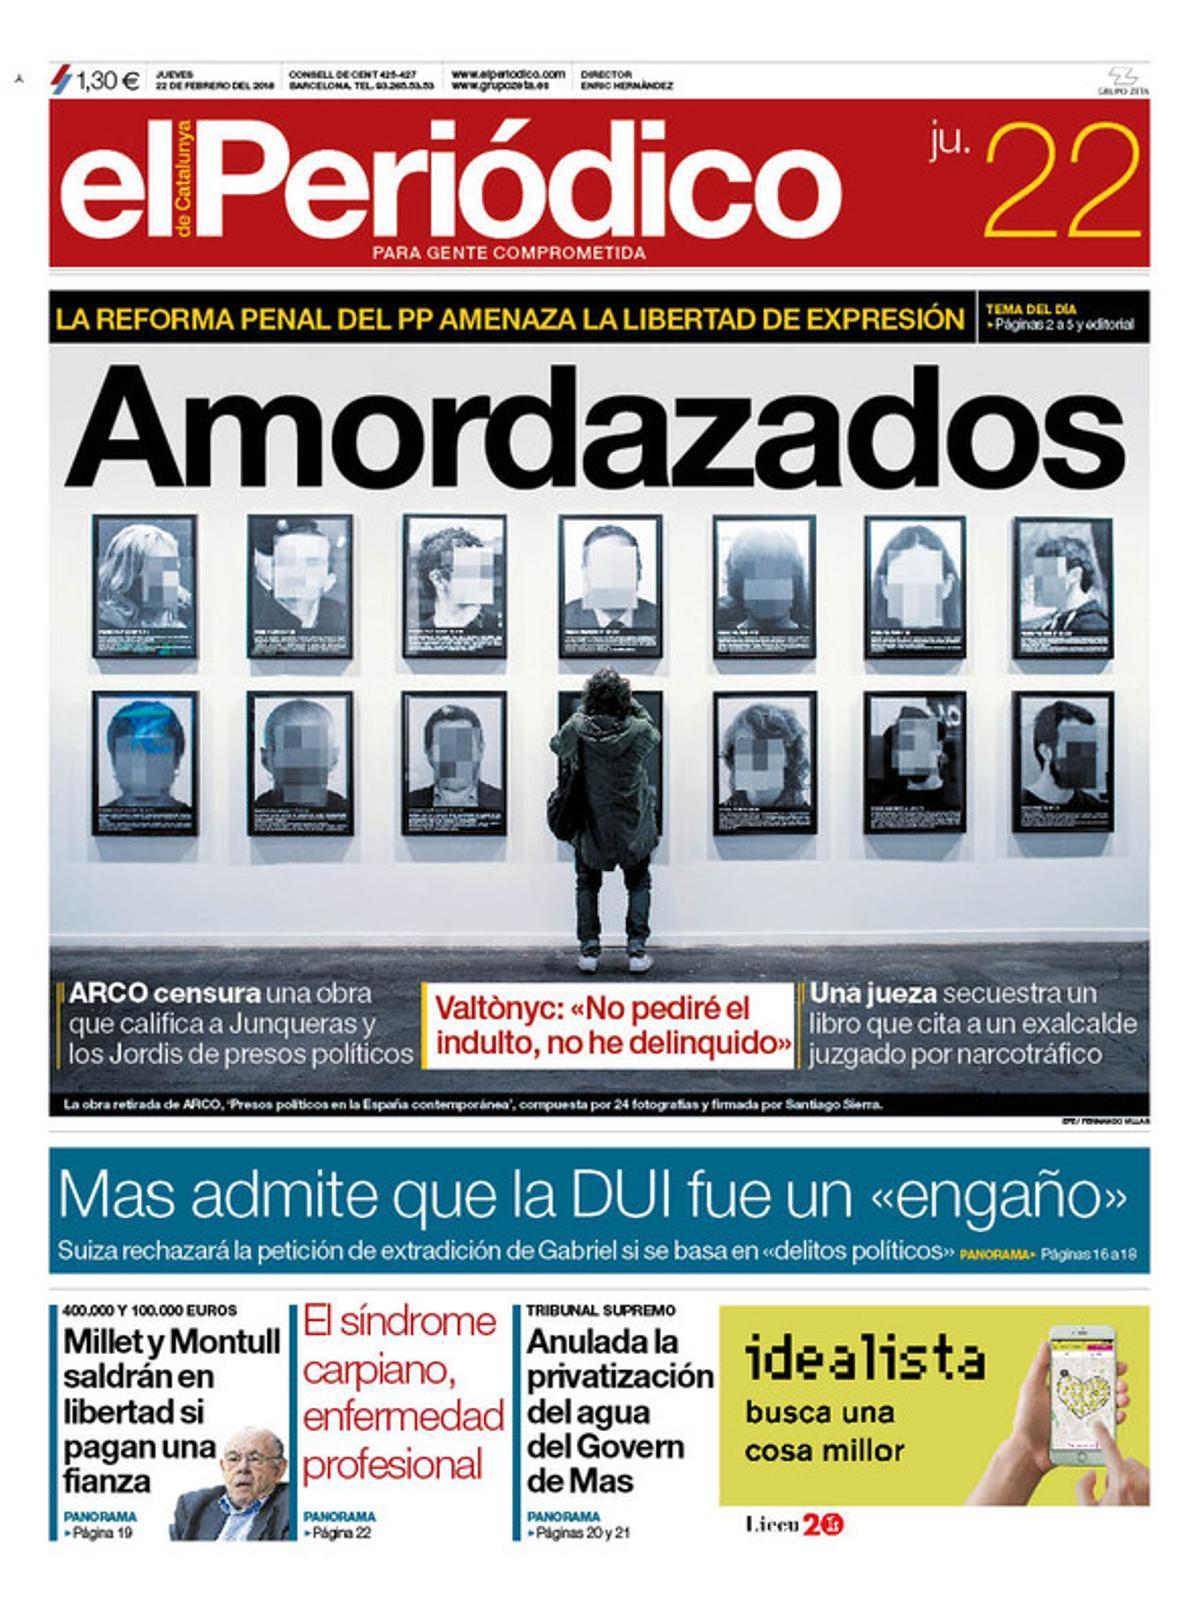 La portada de EL PERIÓDICO del 22 de febrero del 2018